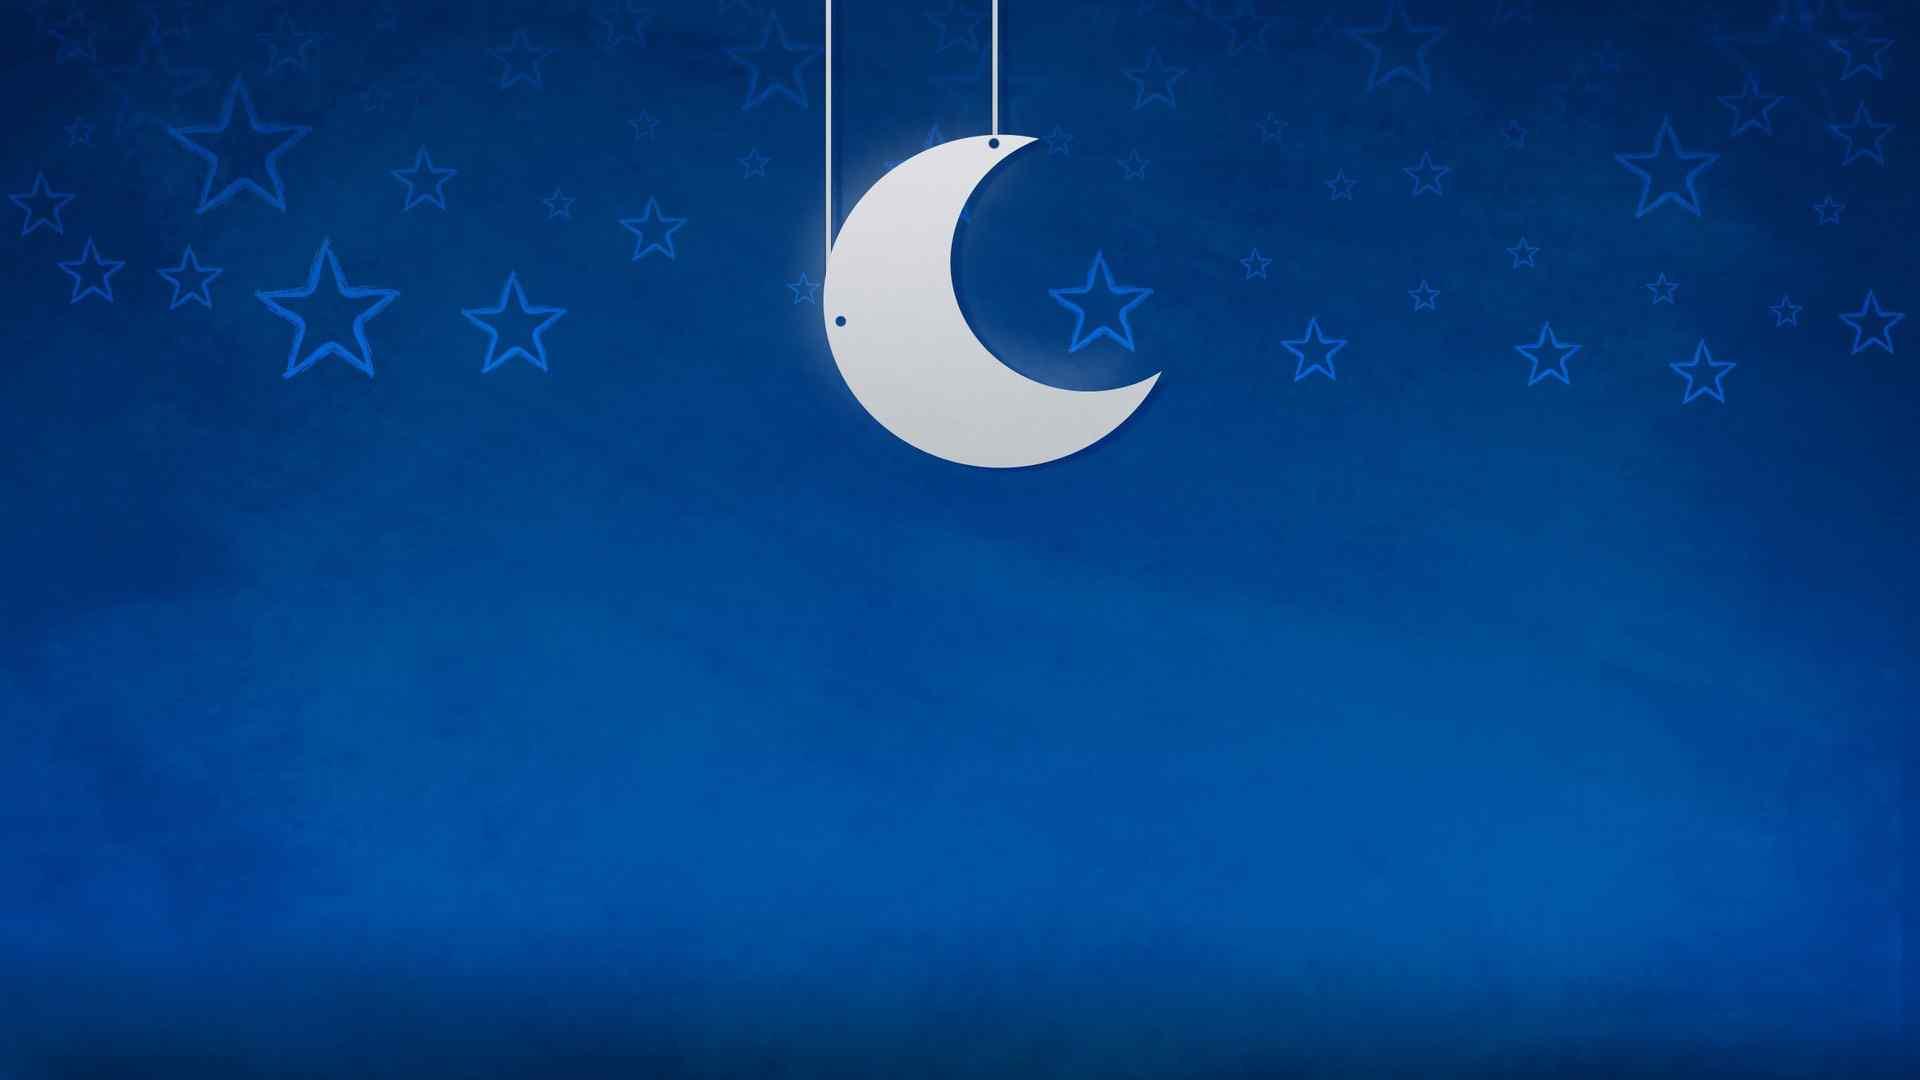 小清新月亮星星图片桌面壁纸。疲倦的月亮躲进了云层休息,只留下几颗星星像是在放哨。月亮斜挂在天空,笑盈盈的,星星挤满了银河,眨巴着眼睛。漫画作者笔下的月亮总是带着神秘的面纱,美丽又诡异。桌面天下为你推荐唯美的月亮壁纸图集,这里有月亮壁纸图片、唯美月光图片、卡通月亮图片等精选风景壁纸,欢迎你的持续关注。